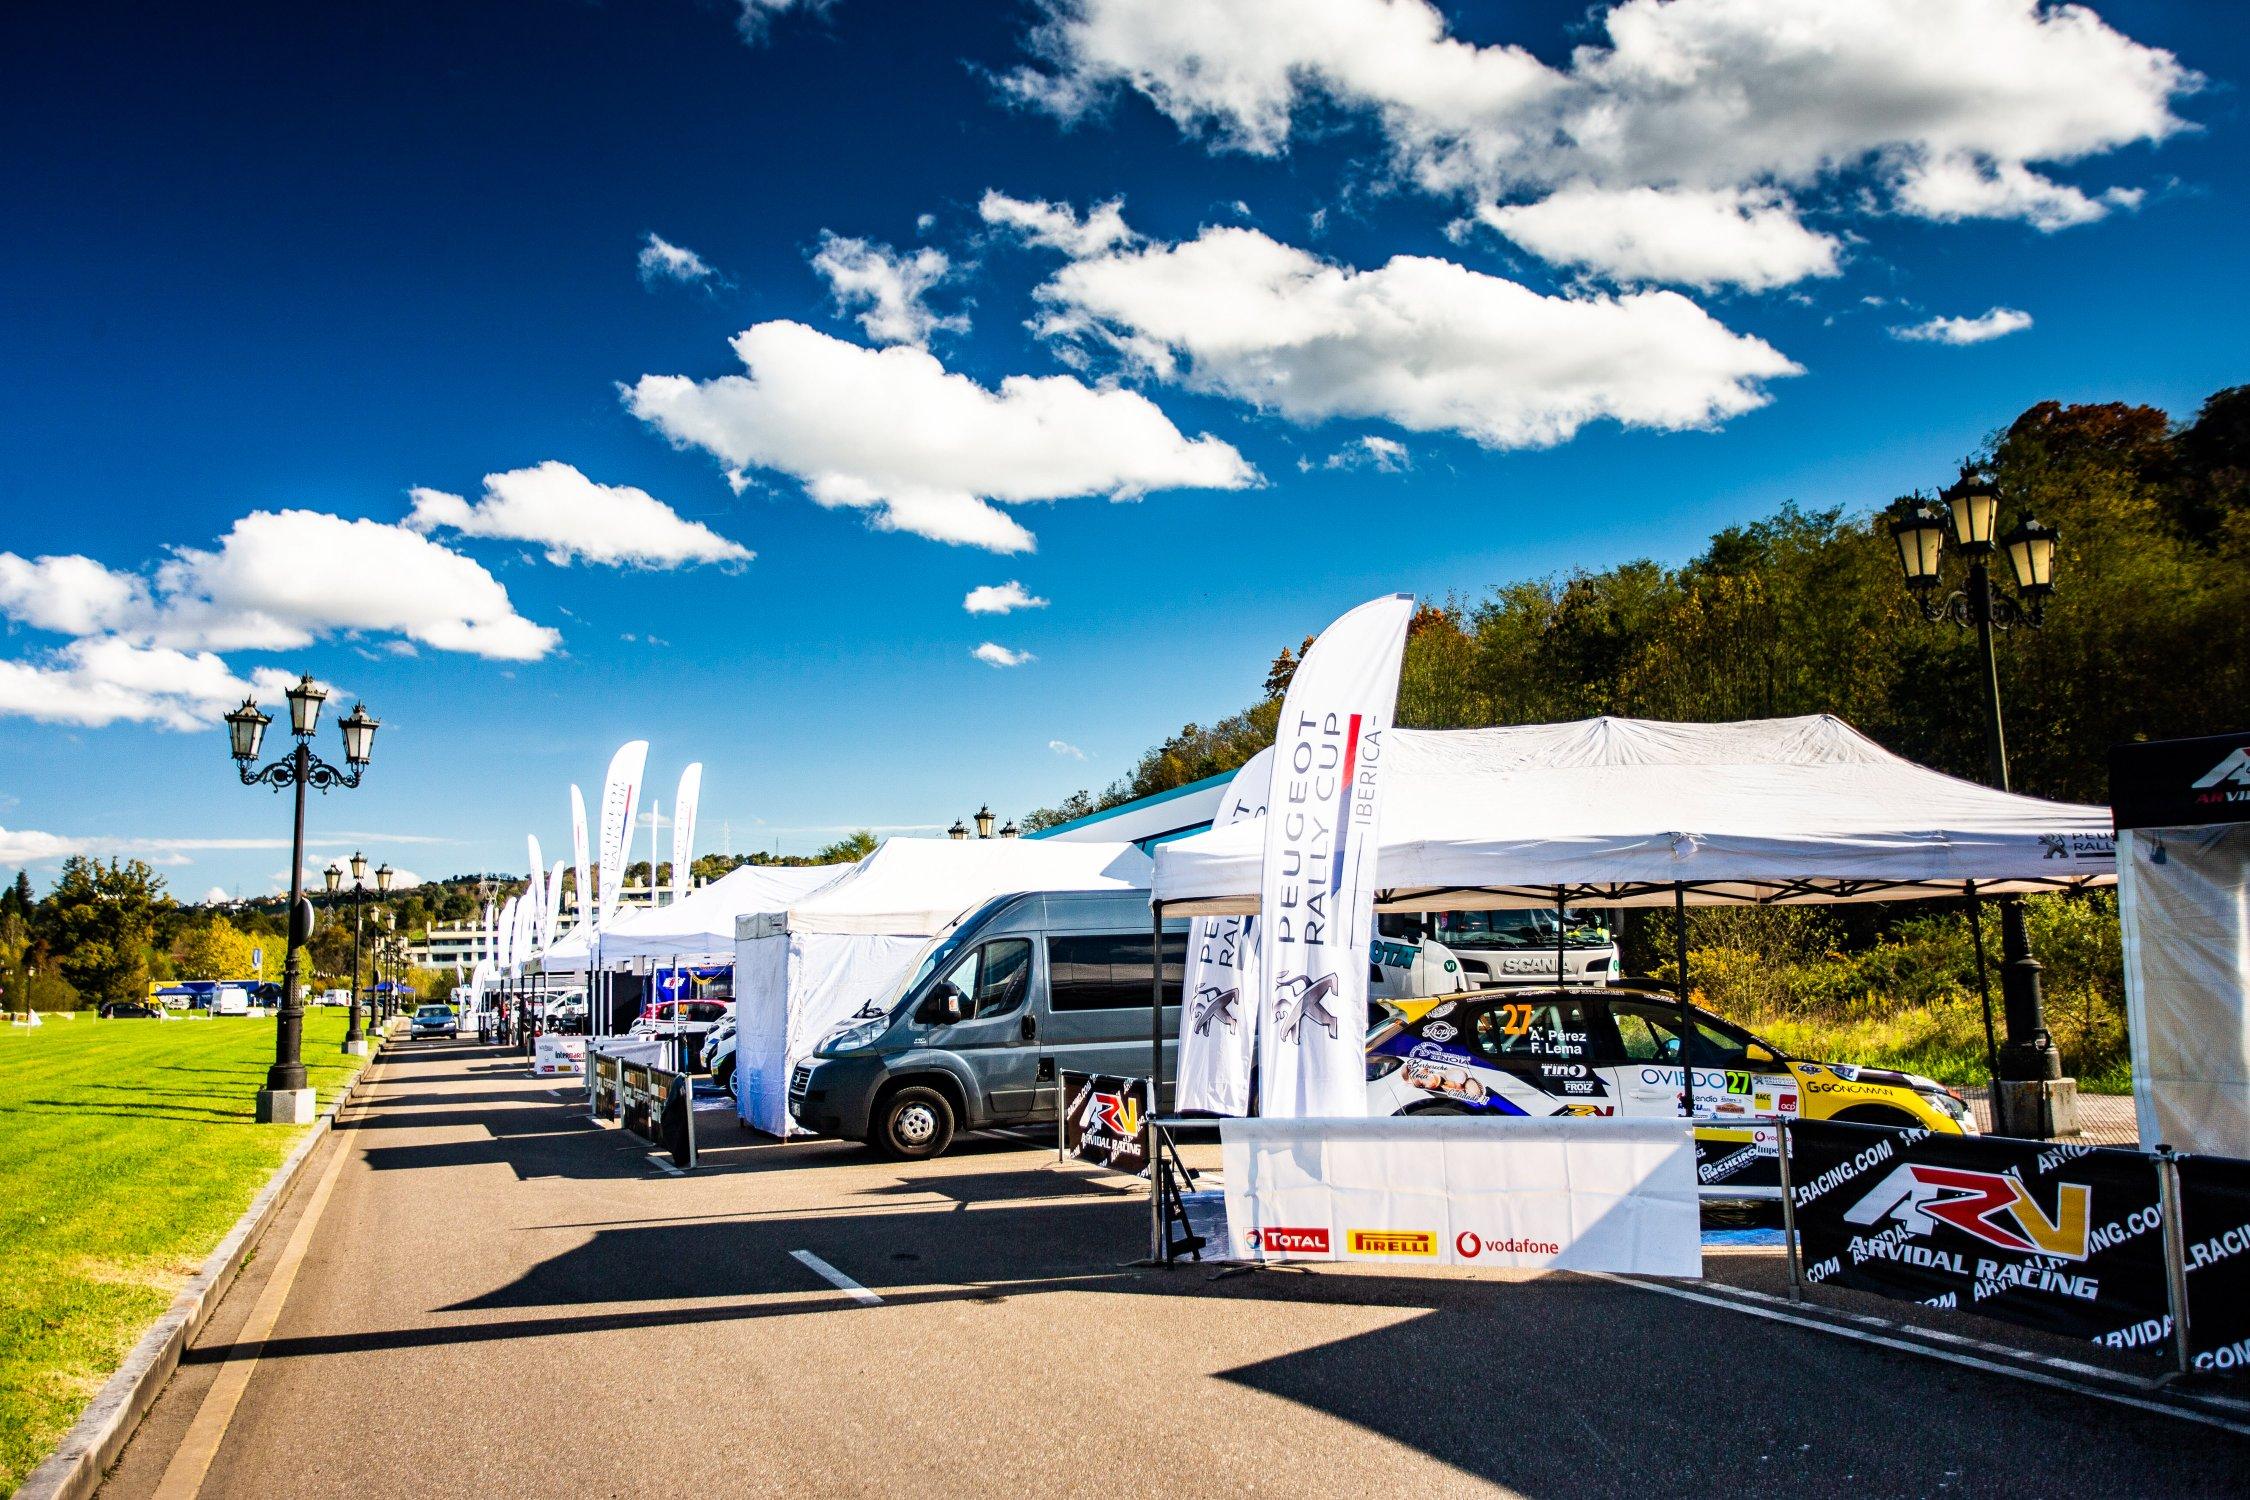 CERA + ERT: 57º Rallye Princesa de Asturias - Ciudad de Oviedo [23-24 Octubre] - Página 3 ElGIYrxXIAERs2V?format=jpg&name=4096x4096